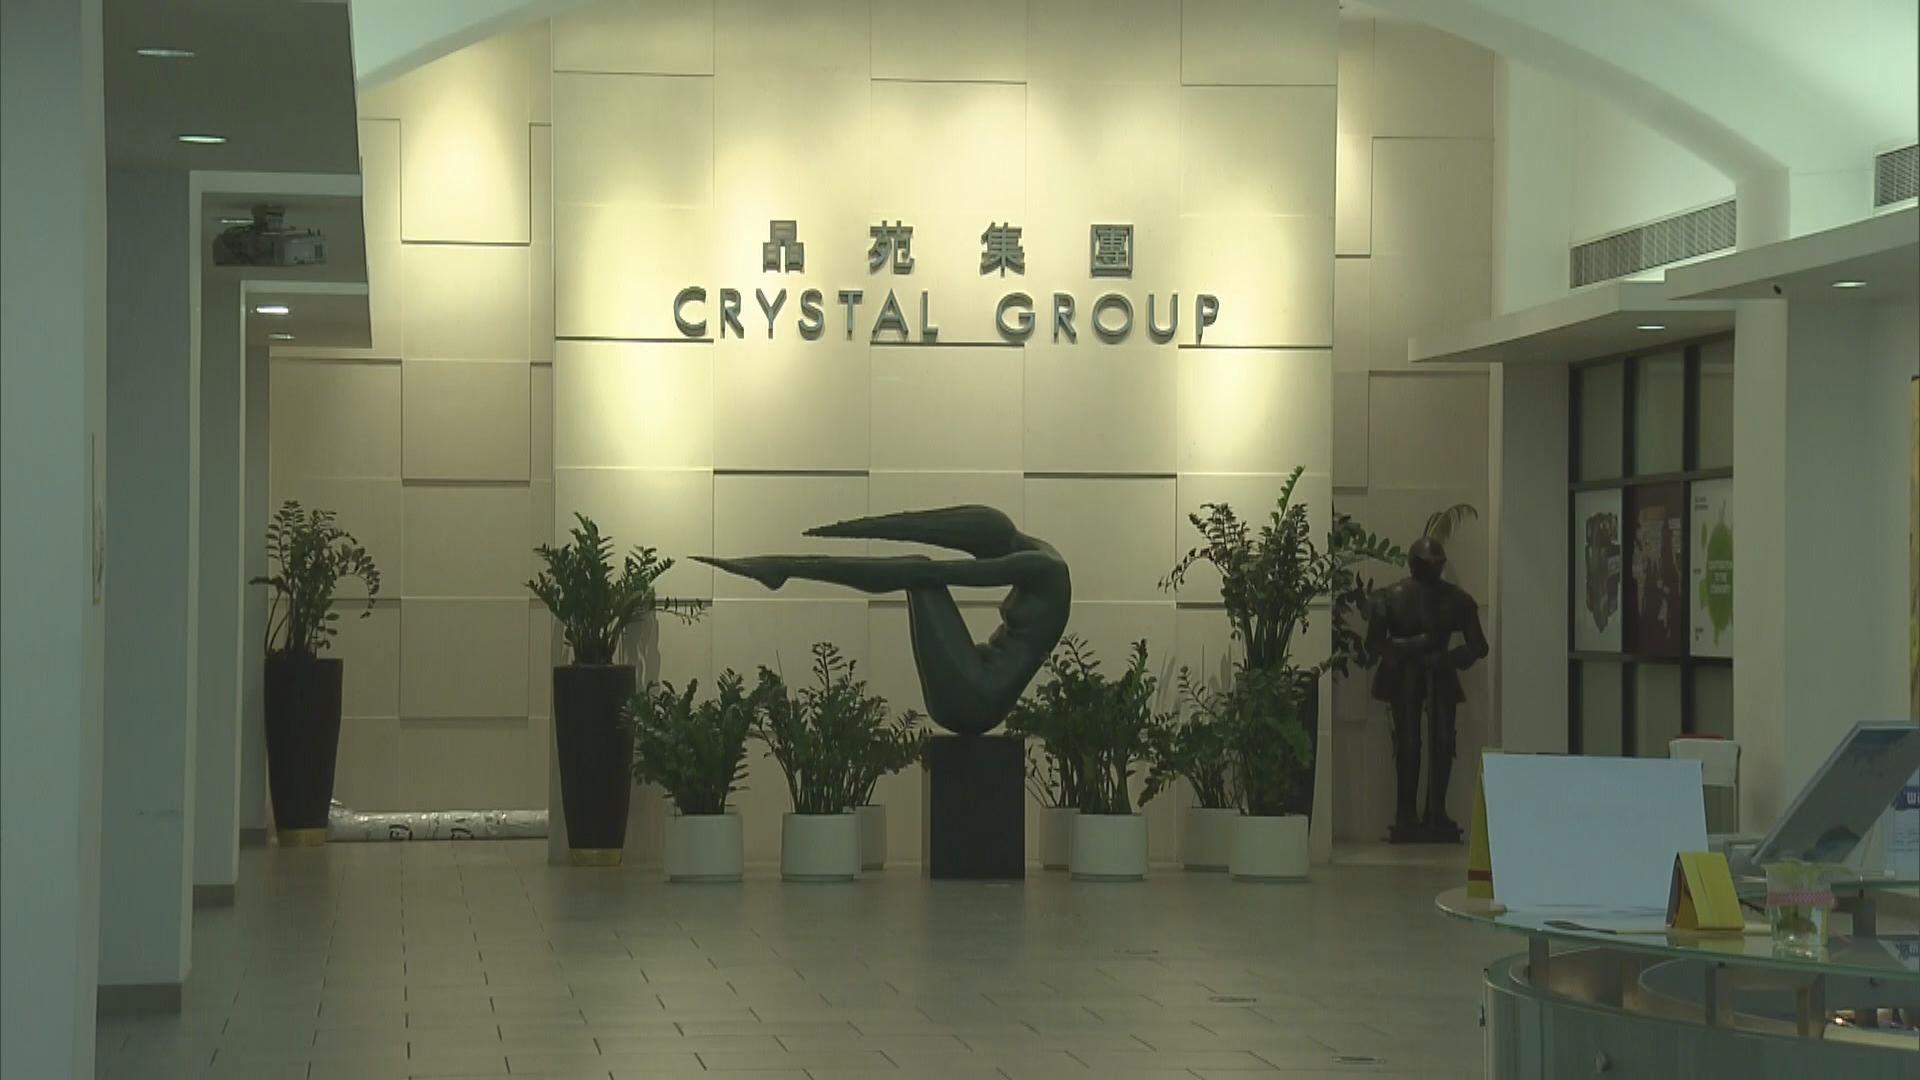 創科局:銅芯口罩由晶苑集團在越南的廠房製造